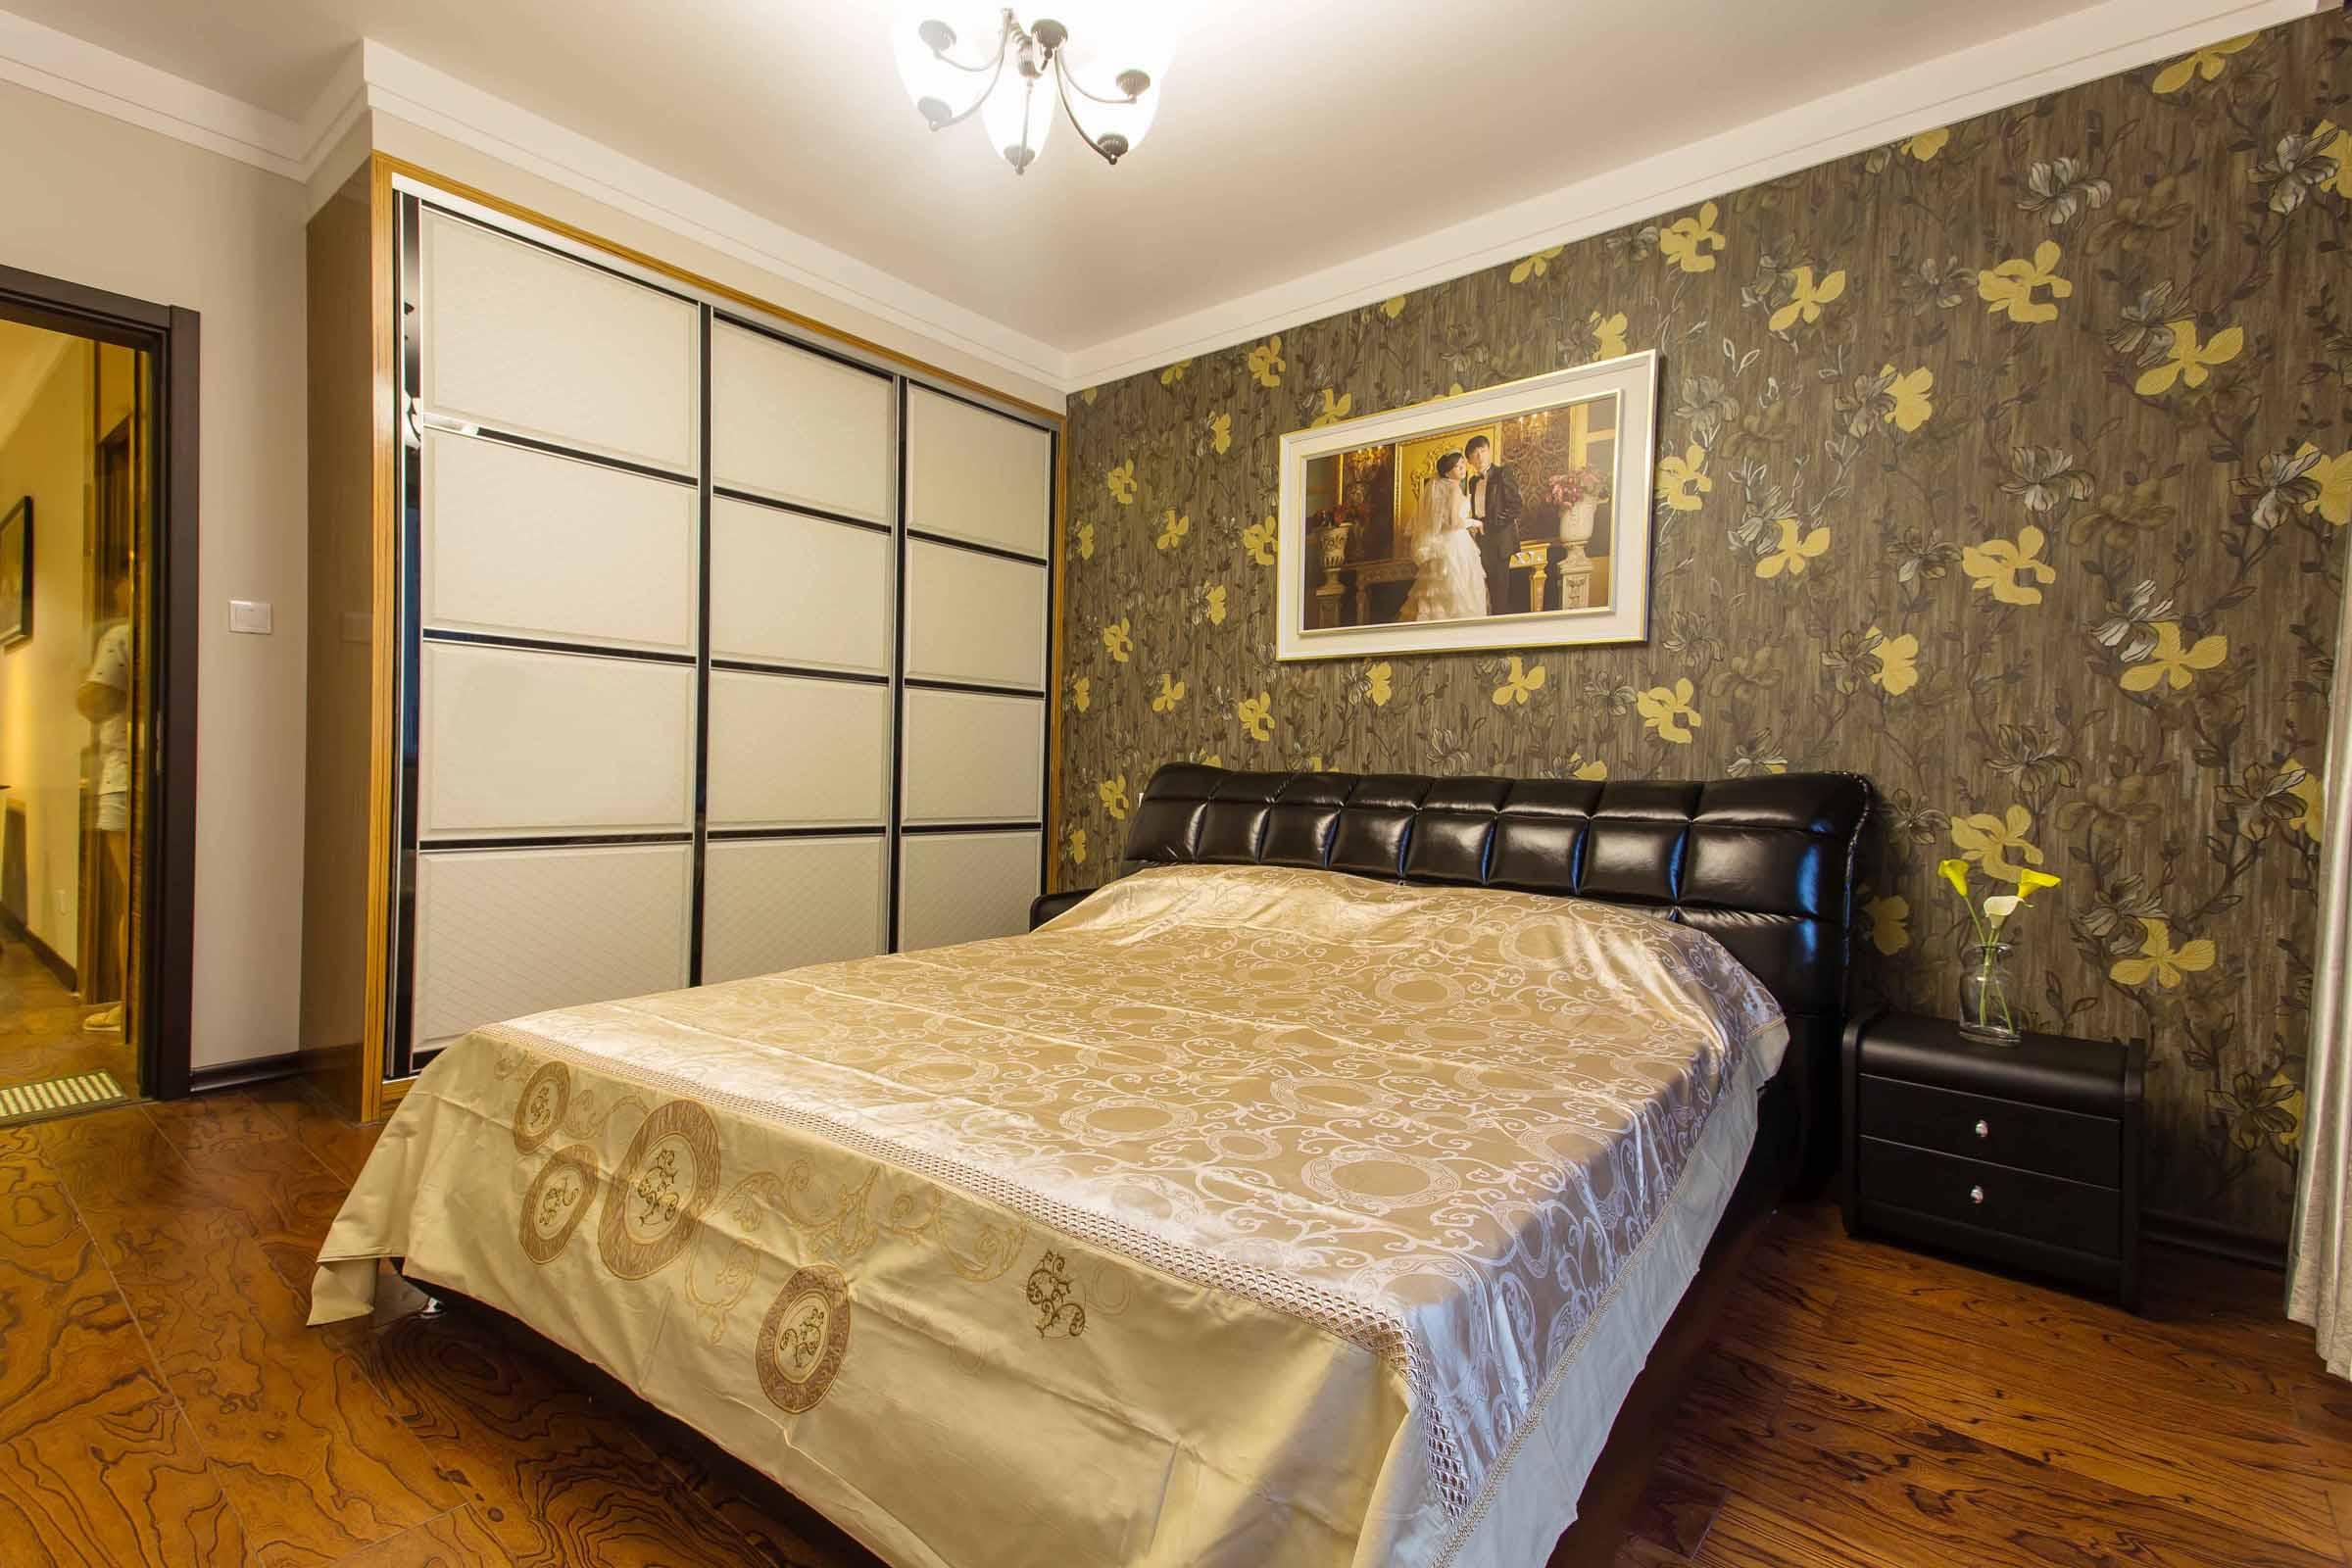 卧室中放置着清晰的深棕色大床,搭配上浅色的床品,整个内敛中的奢华大气之感